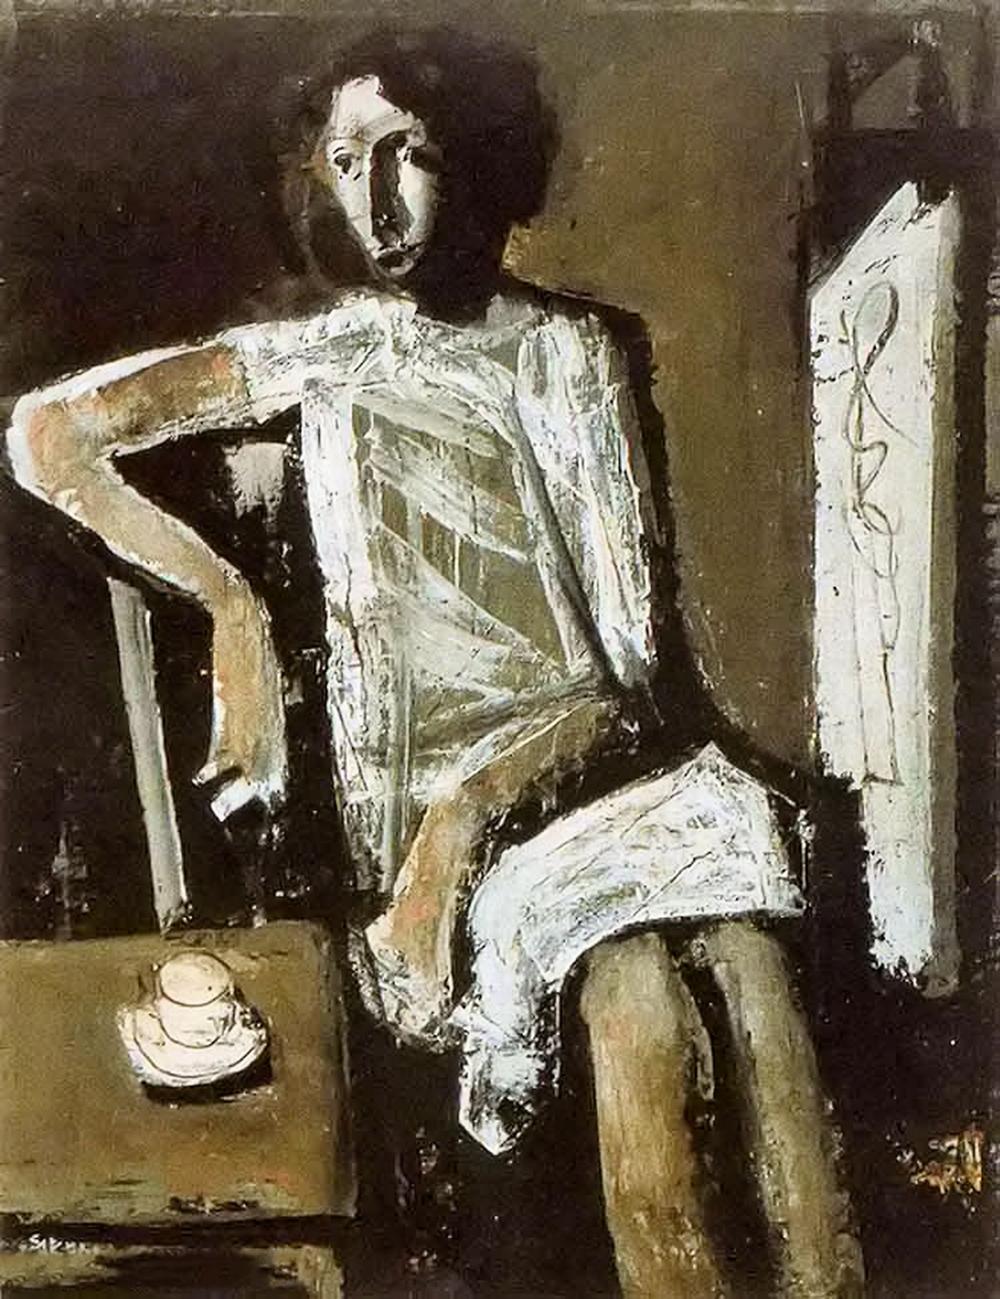 立体与未来主义的忧郁 | 意大利艺术家 Mario Sironi 绘画作品插图43